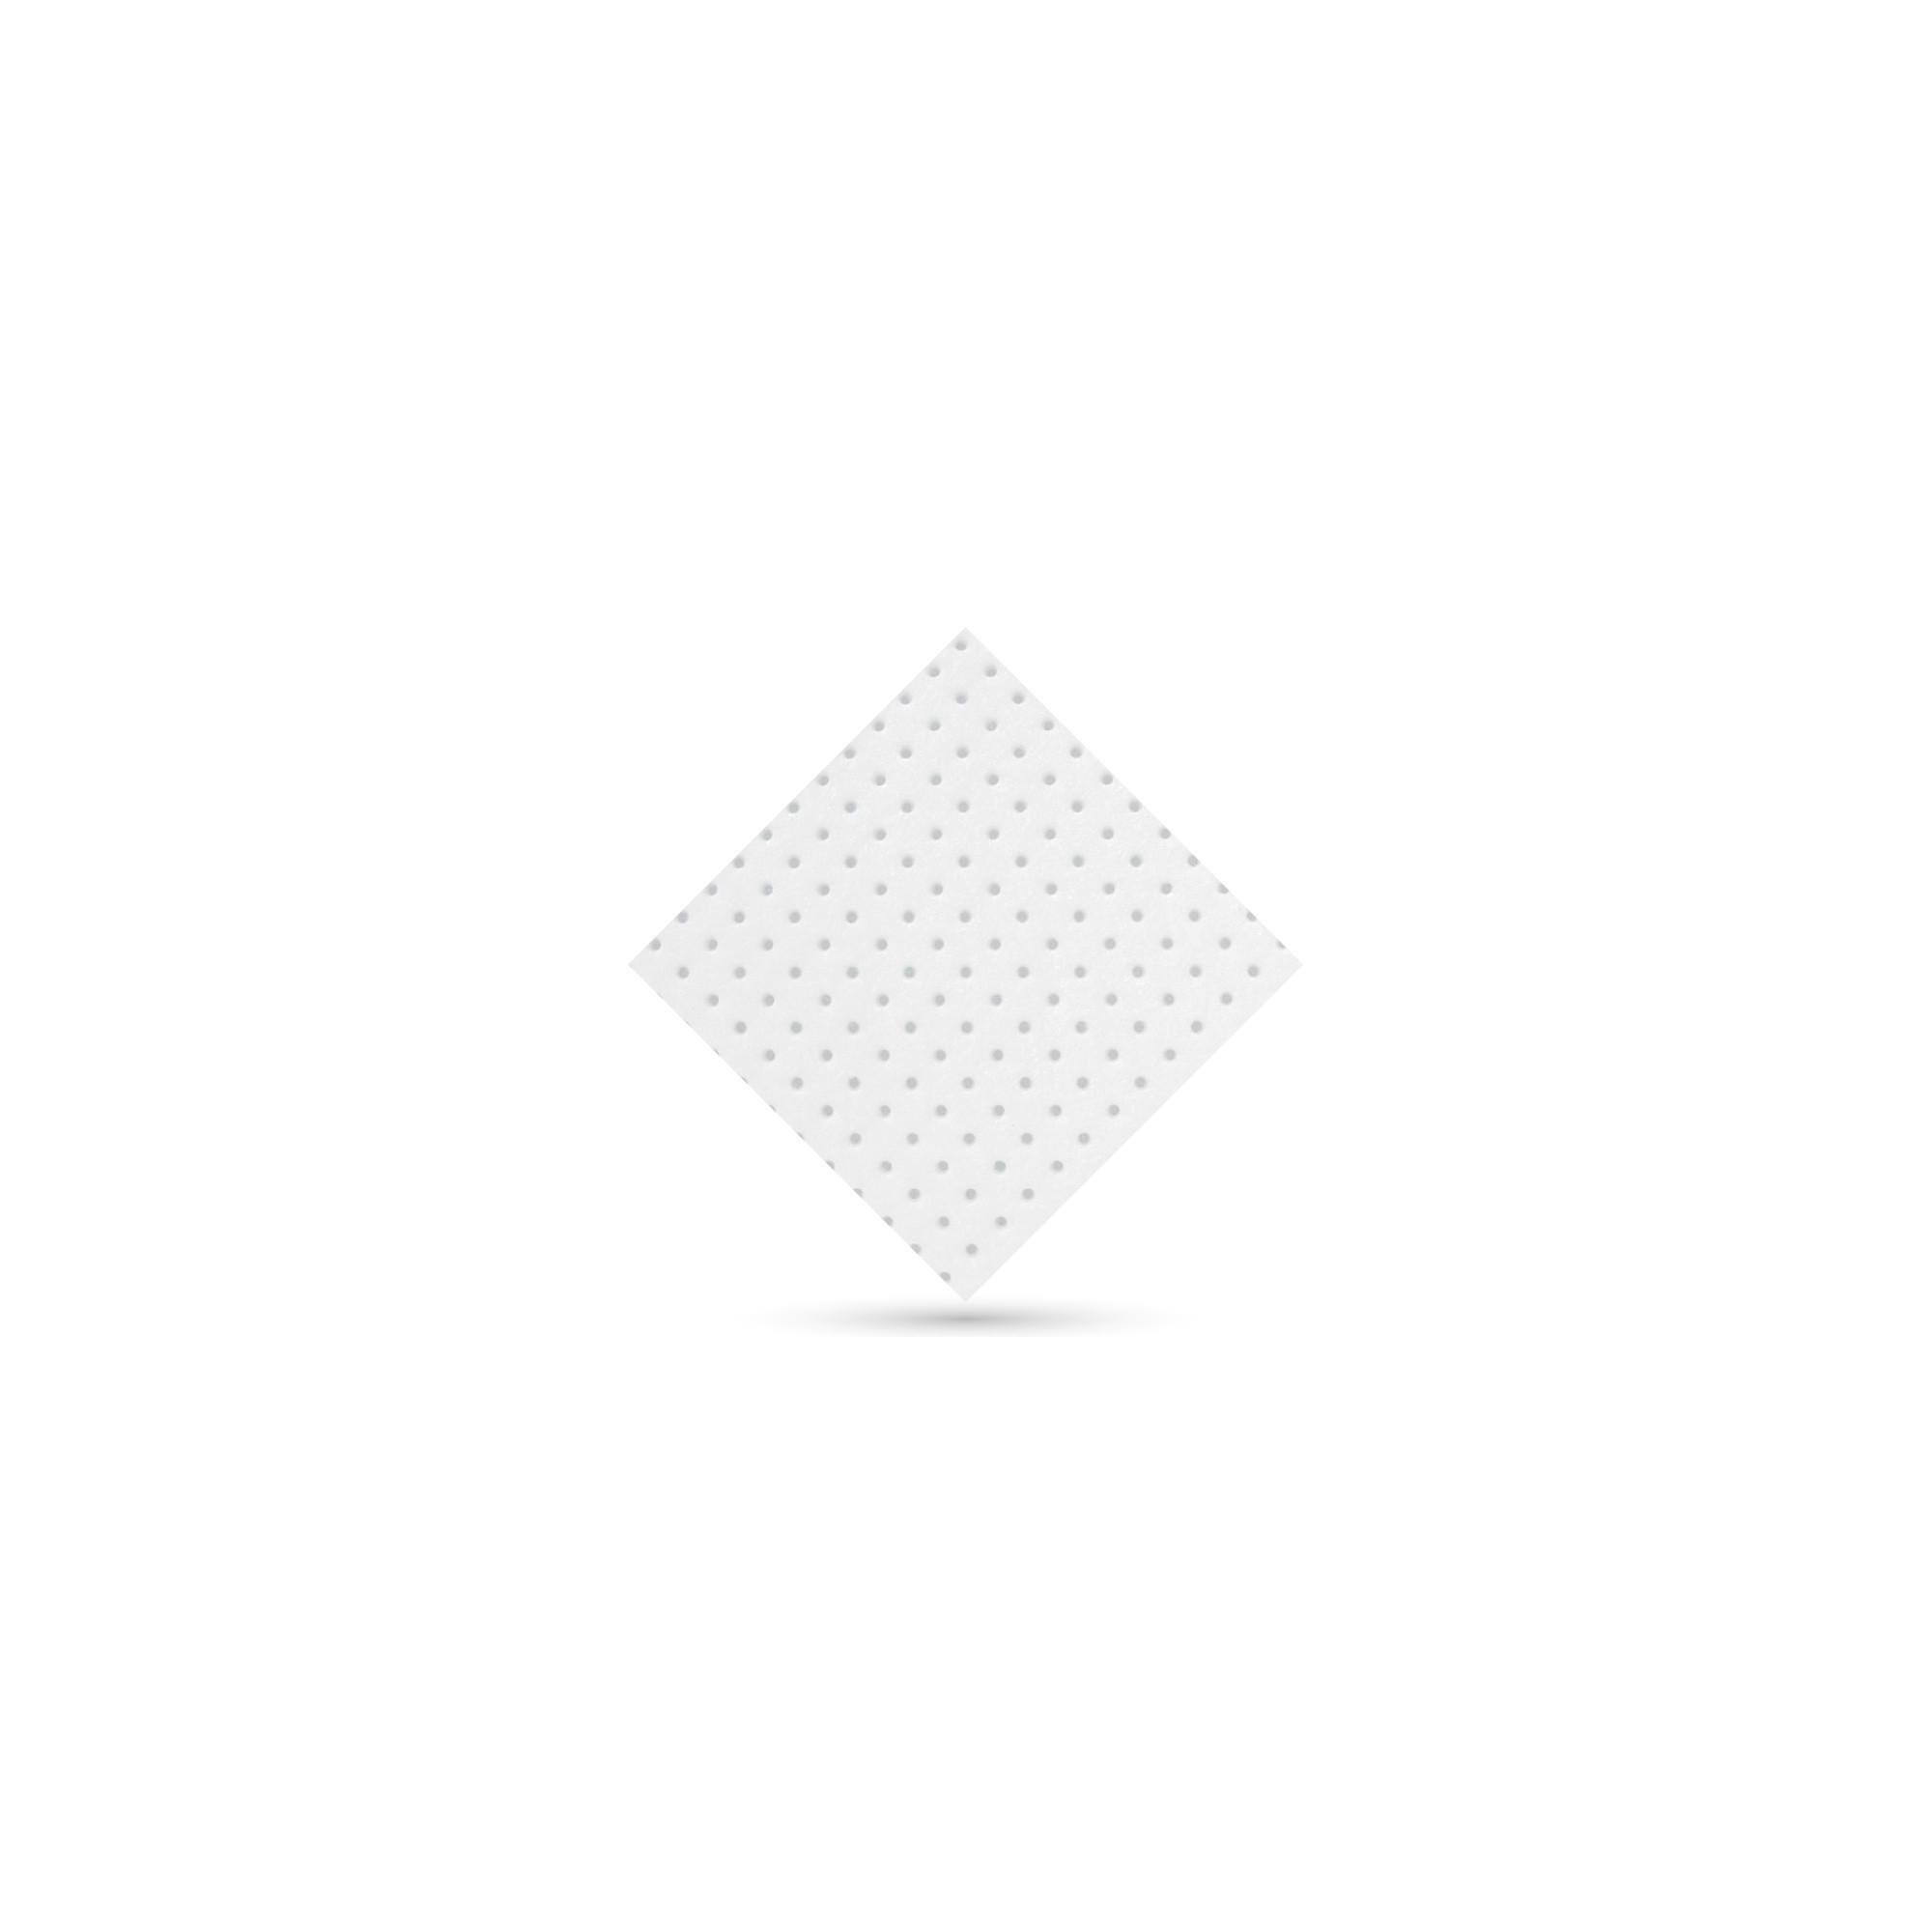 My Hydroplast Lisse - Idéal en soudage avec matériaux ouverts